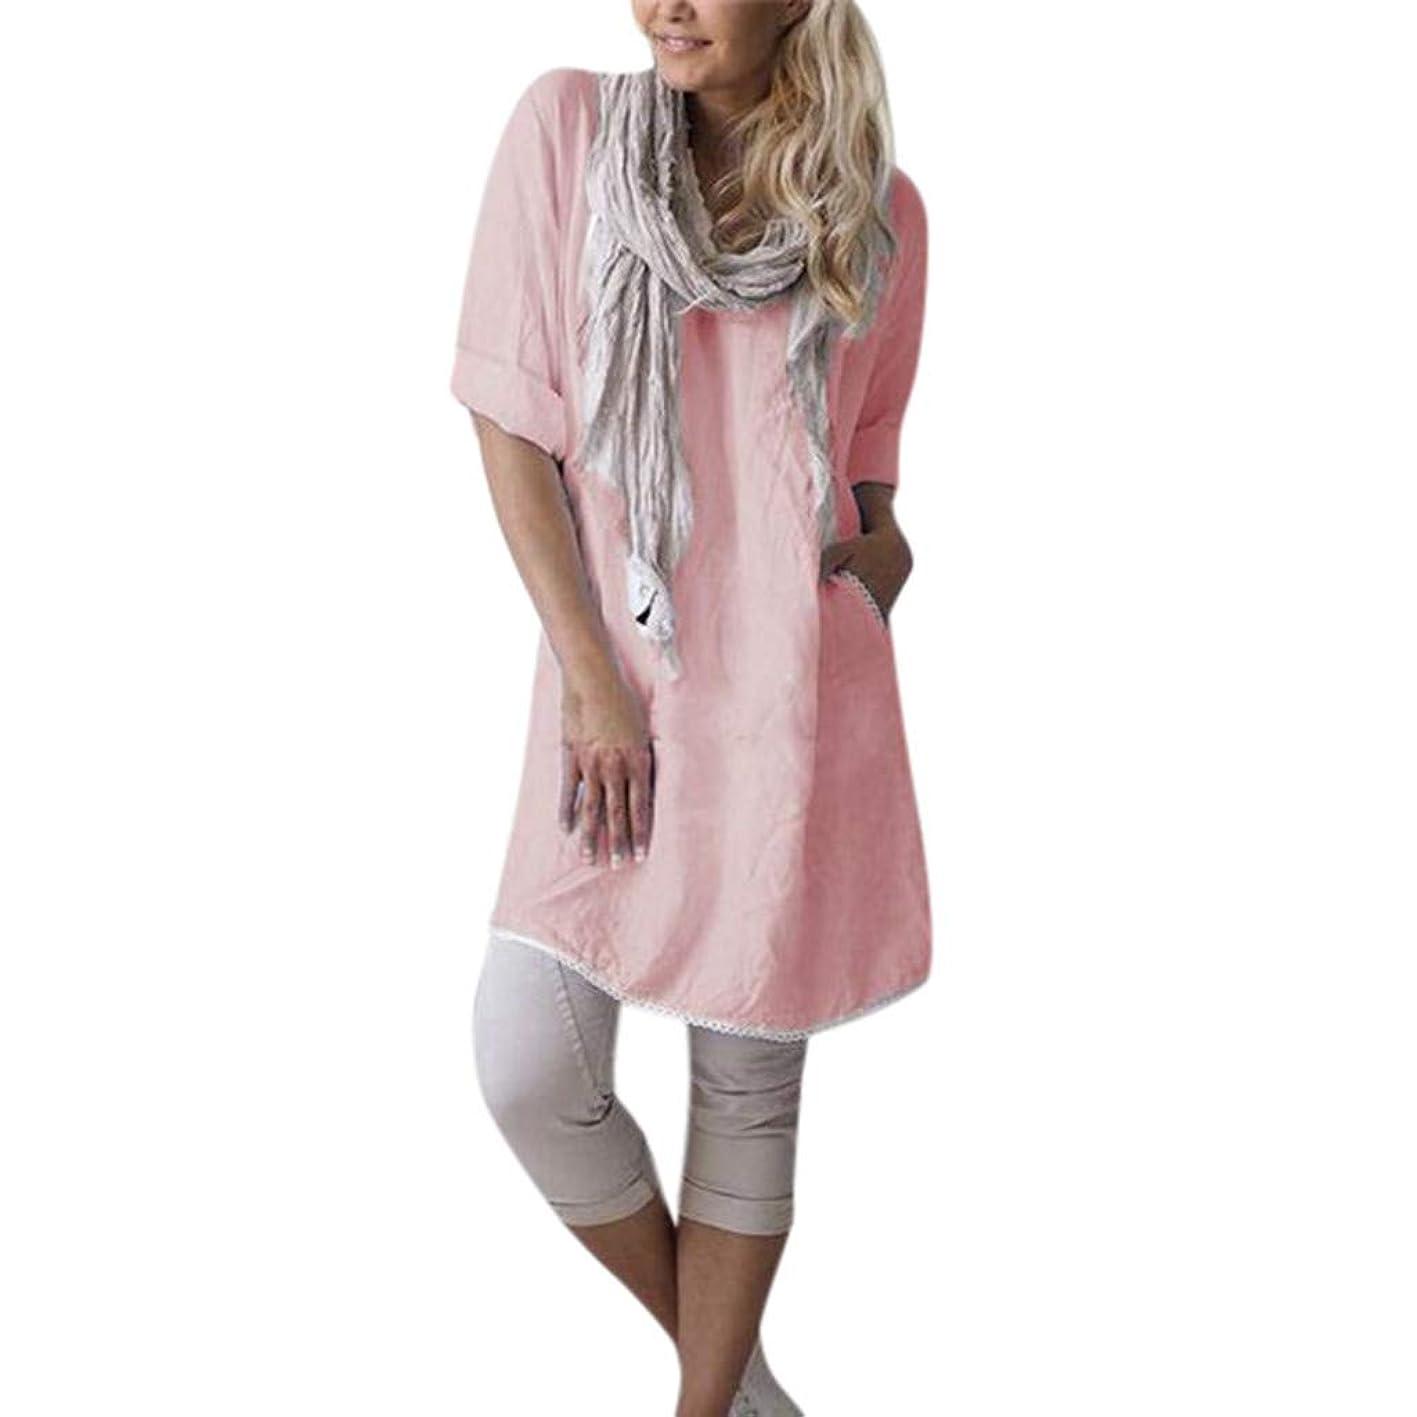 GOWOM Women Casual Solid Blouse Pocket Shirt Lace Stitching Loose Linen Tops pumjrumuajm271